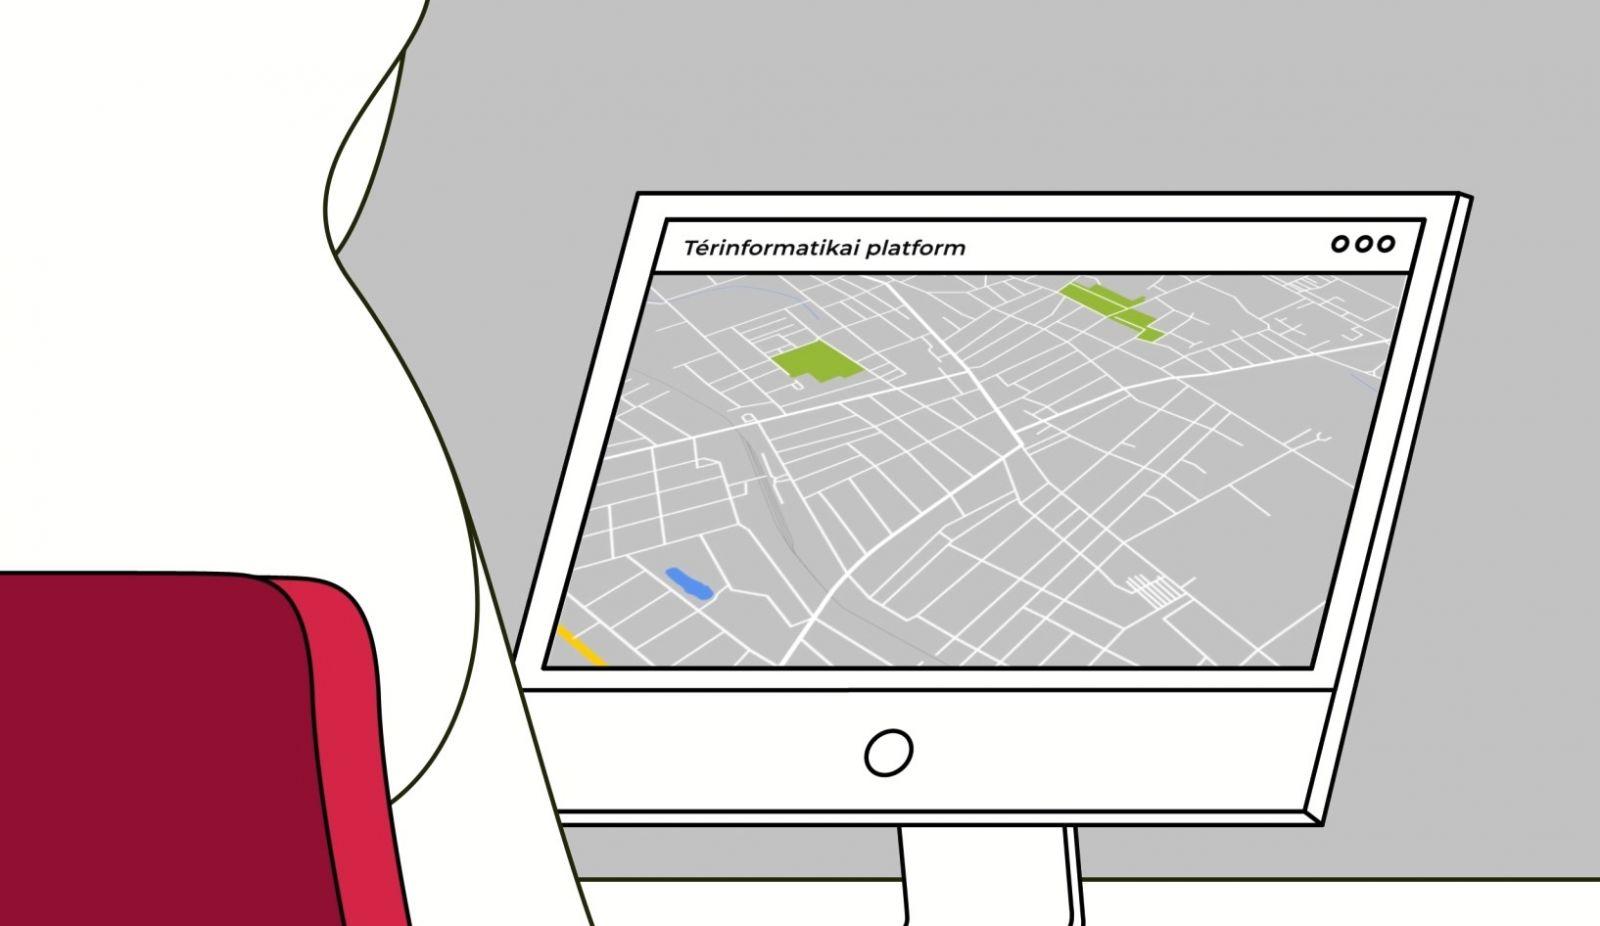 Hatékony térinformatikai rendszer épül ki az Okos Város program keretében